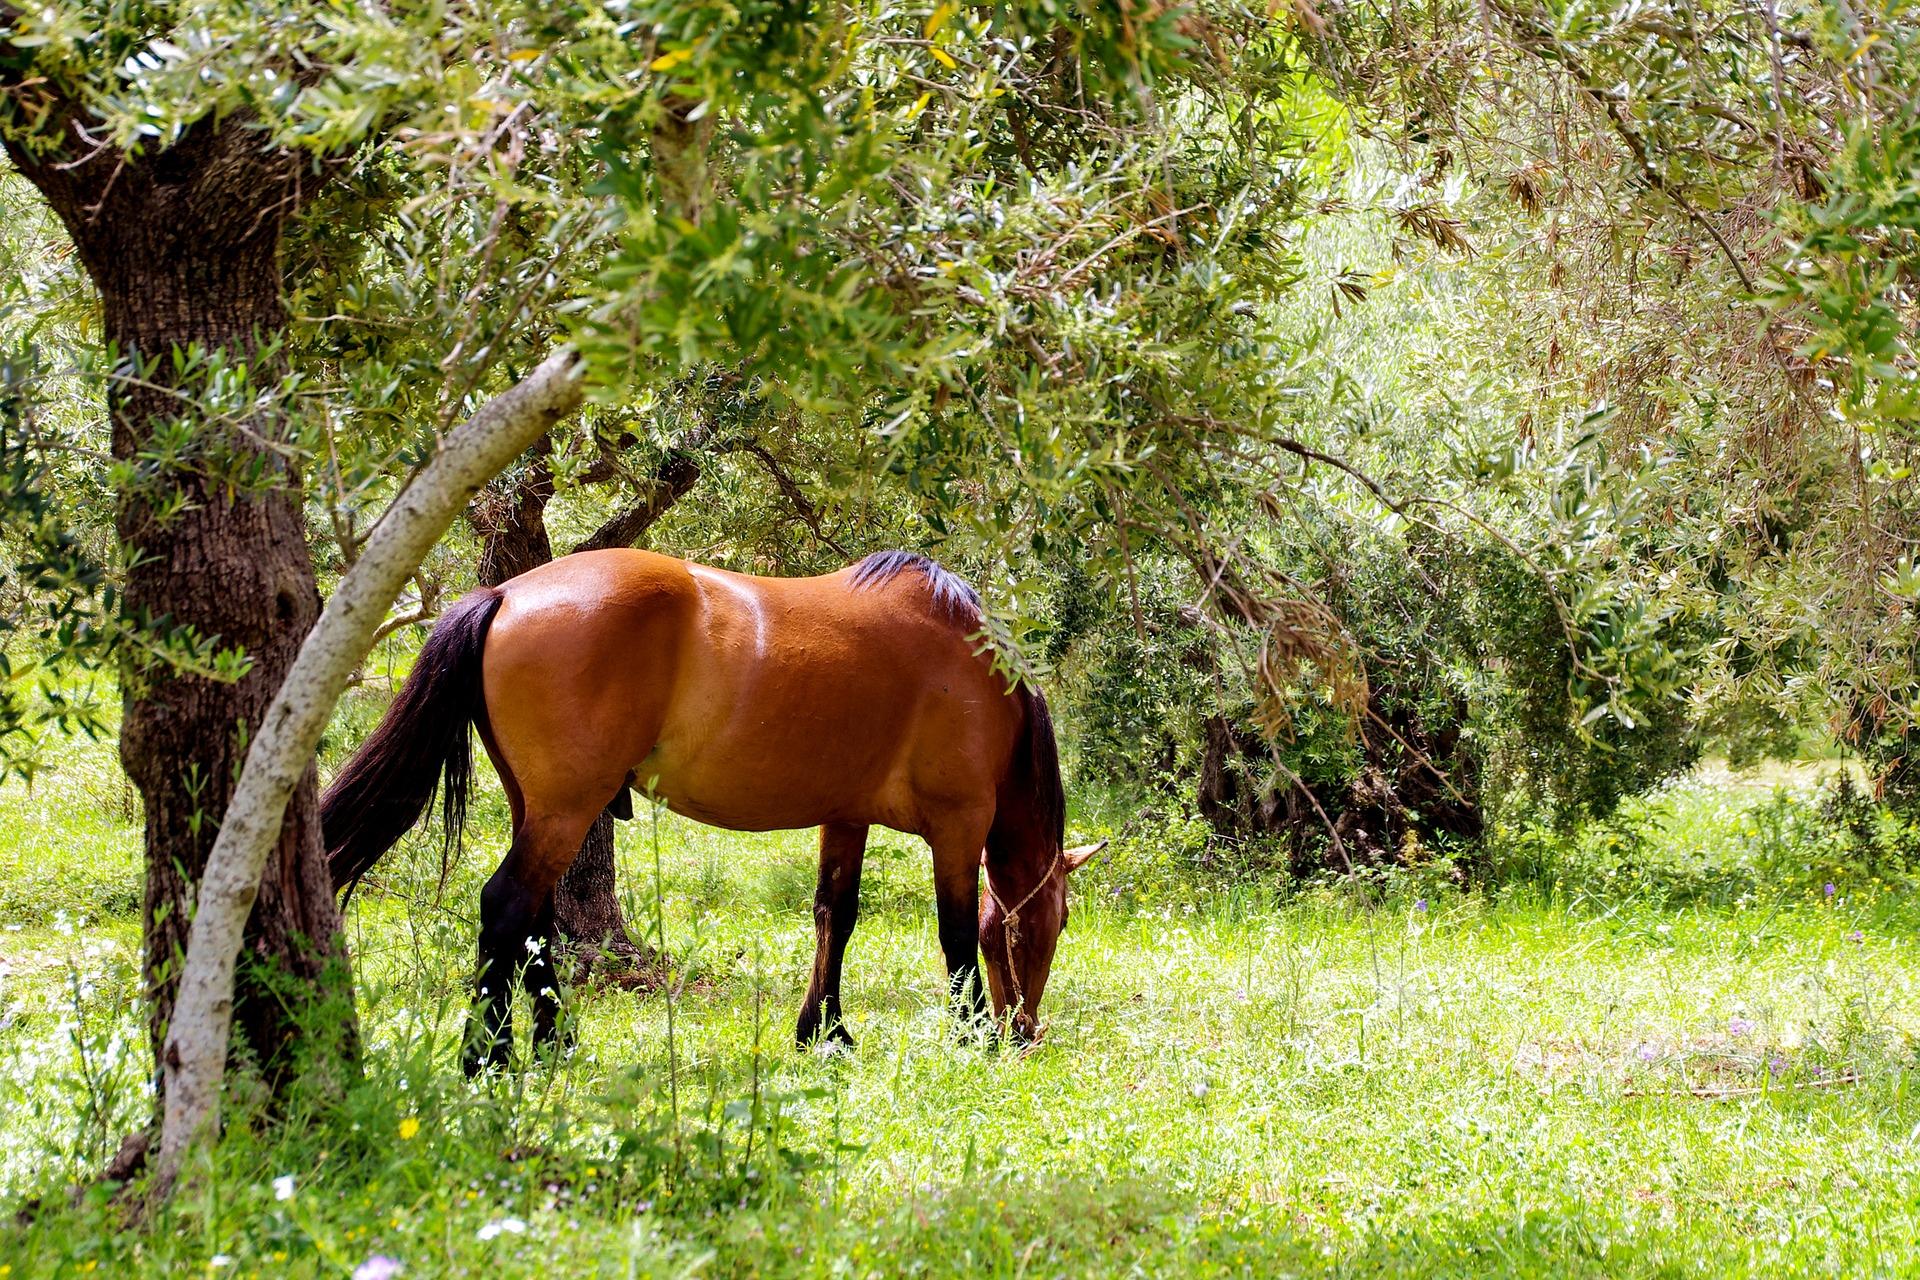 Cavallo libero nel Parco del Pollino - Foto di Valter Cirillo